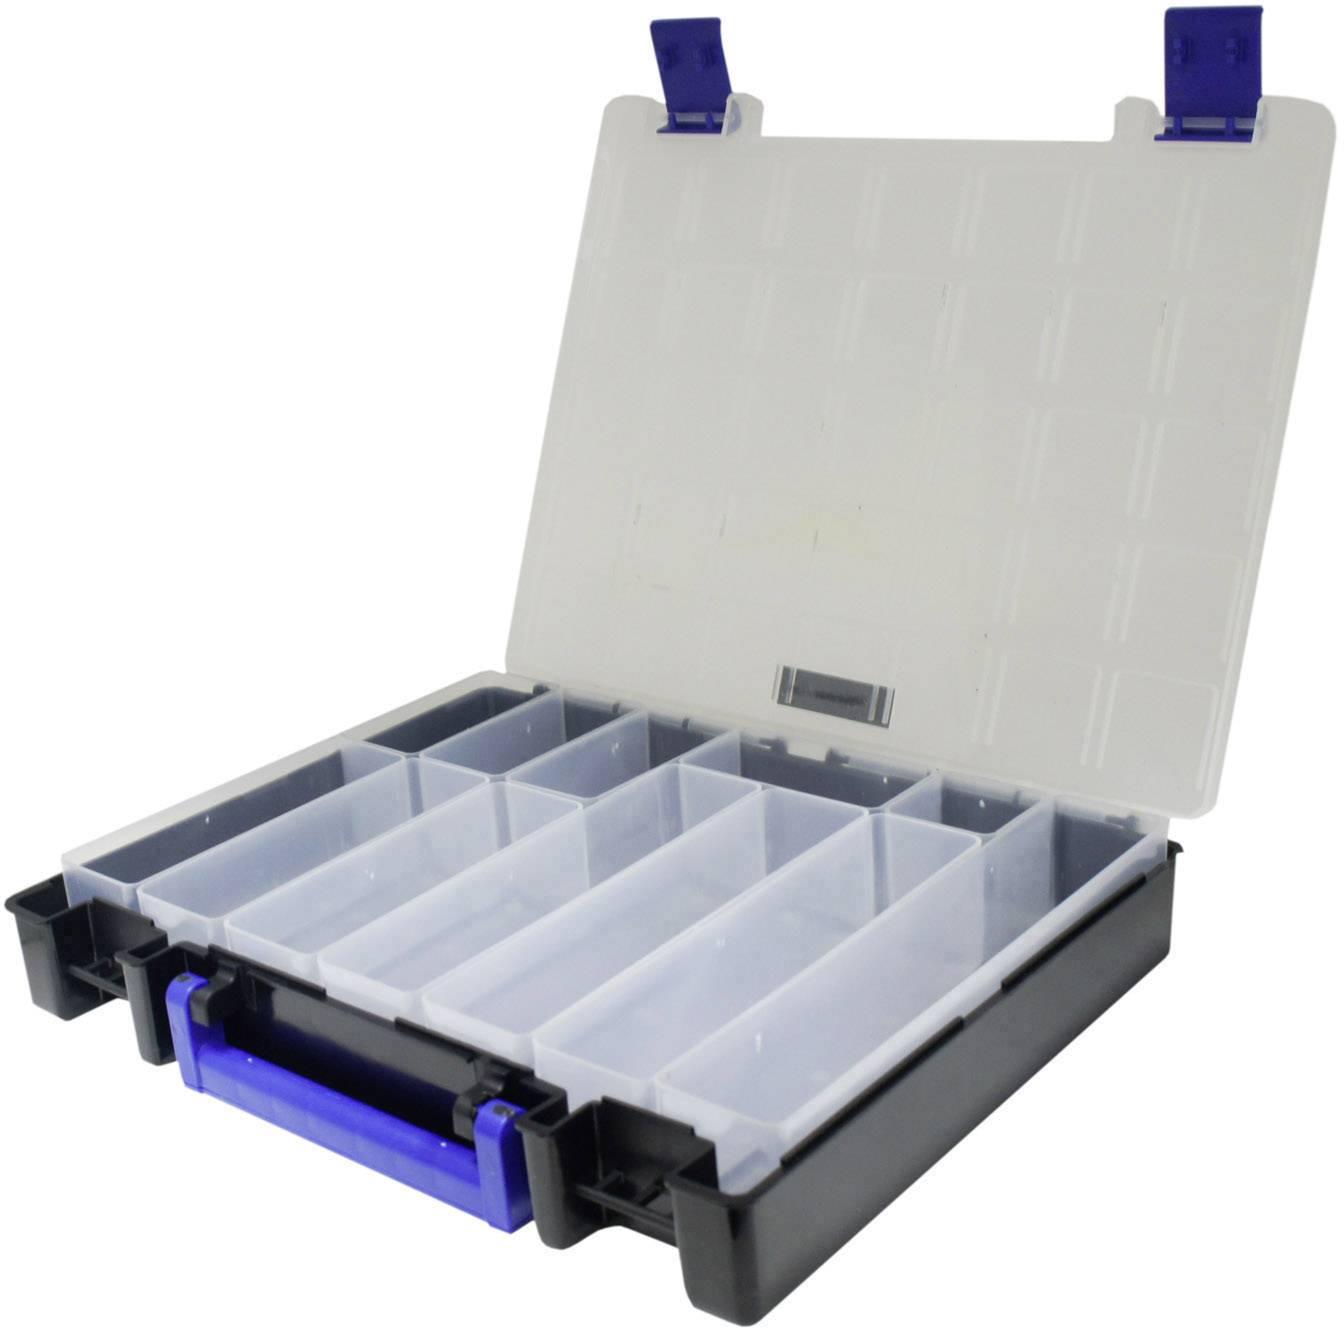 Kufřík na součástky VISO, ICASE3212, přihrádek: 12, 320 x 220 x 50 , černá, modrá